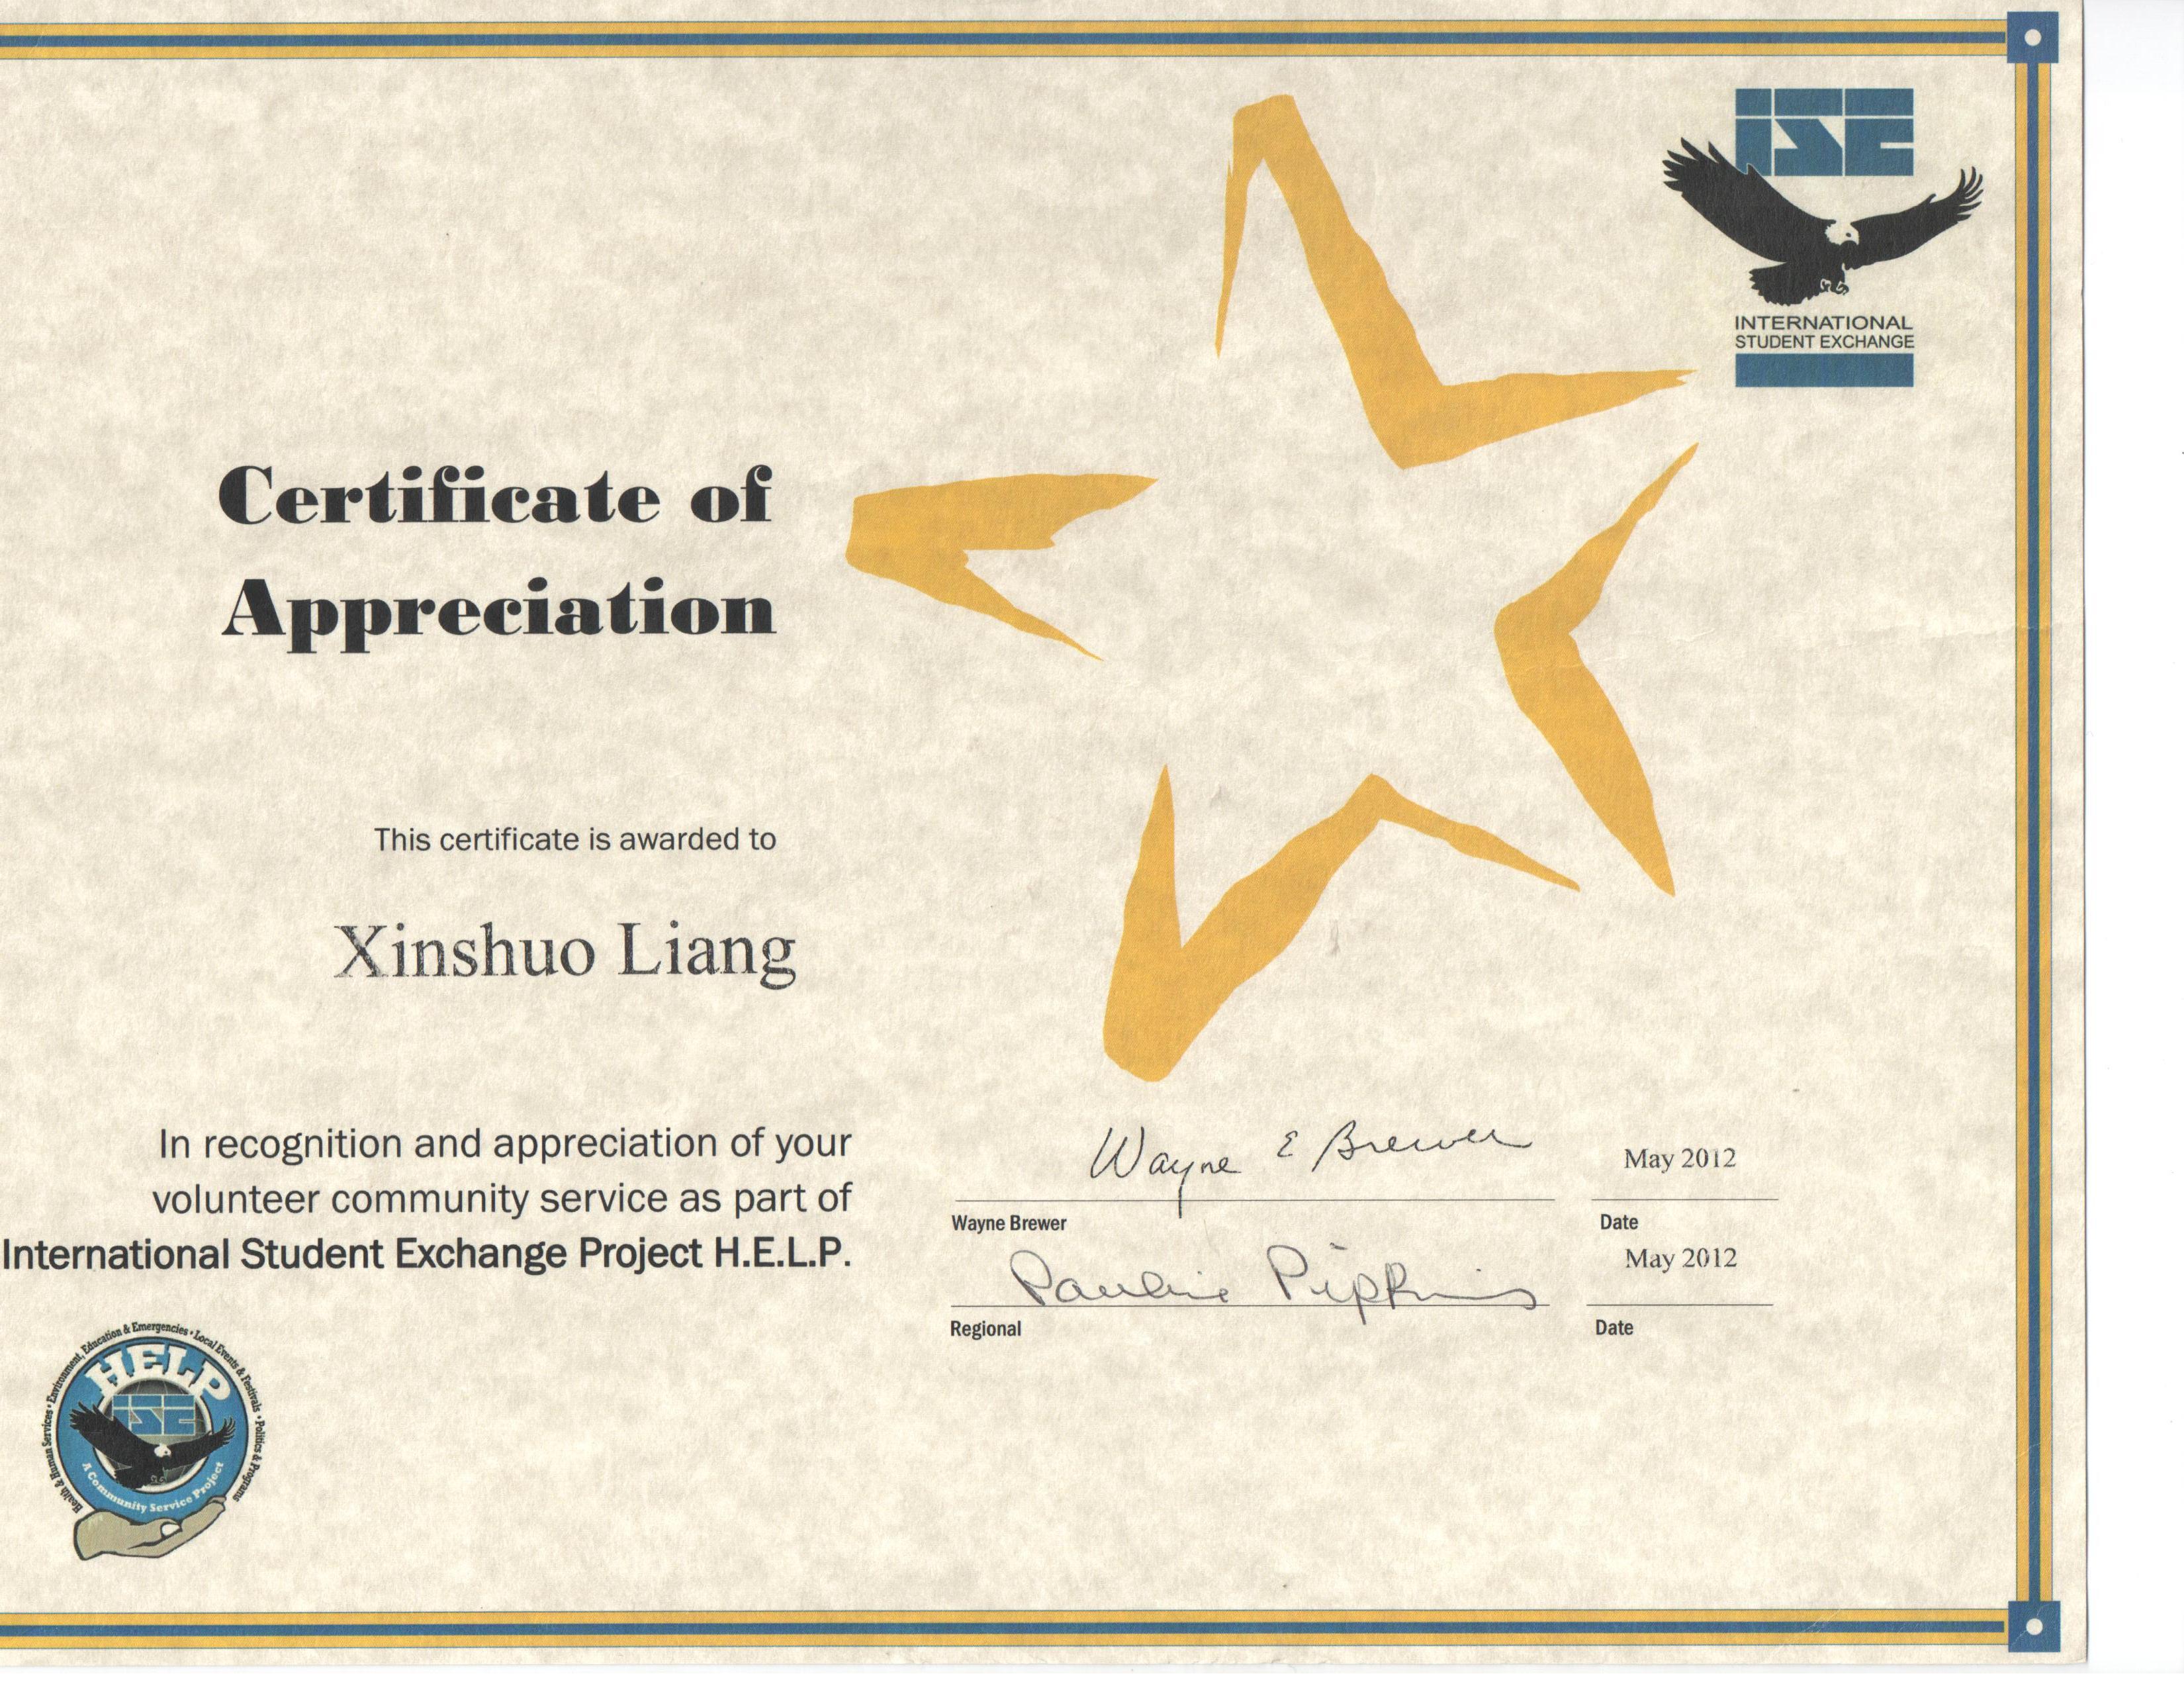 照片-获奖-ISE社区工作证书